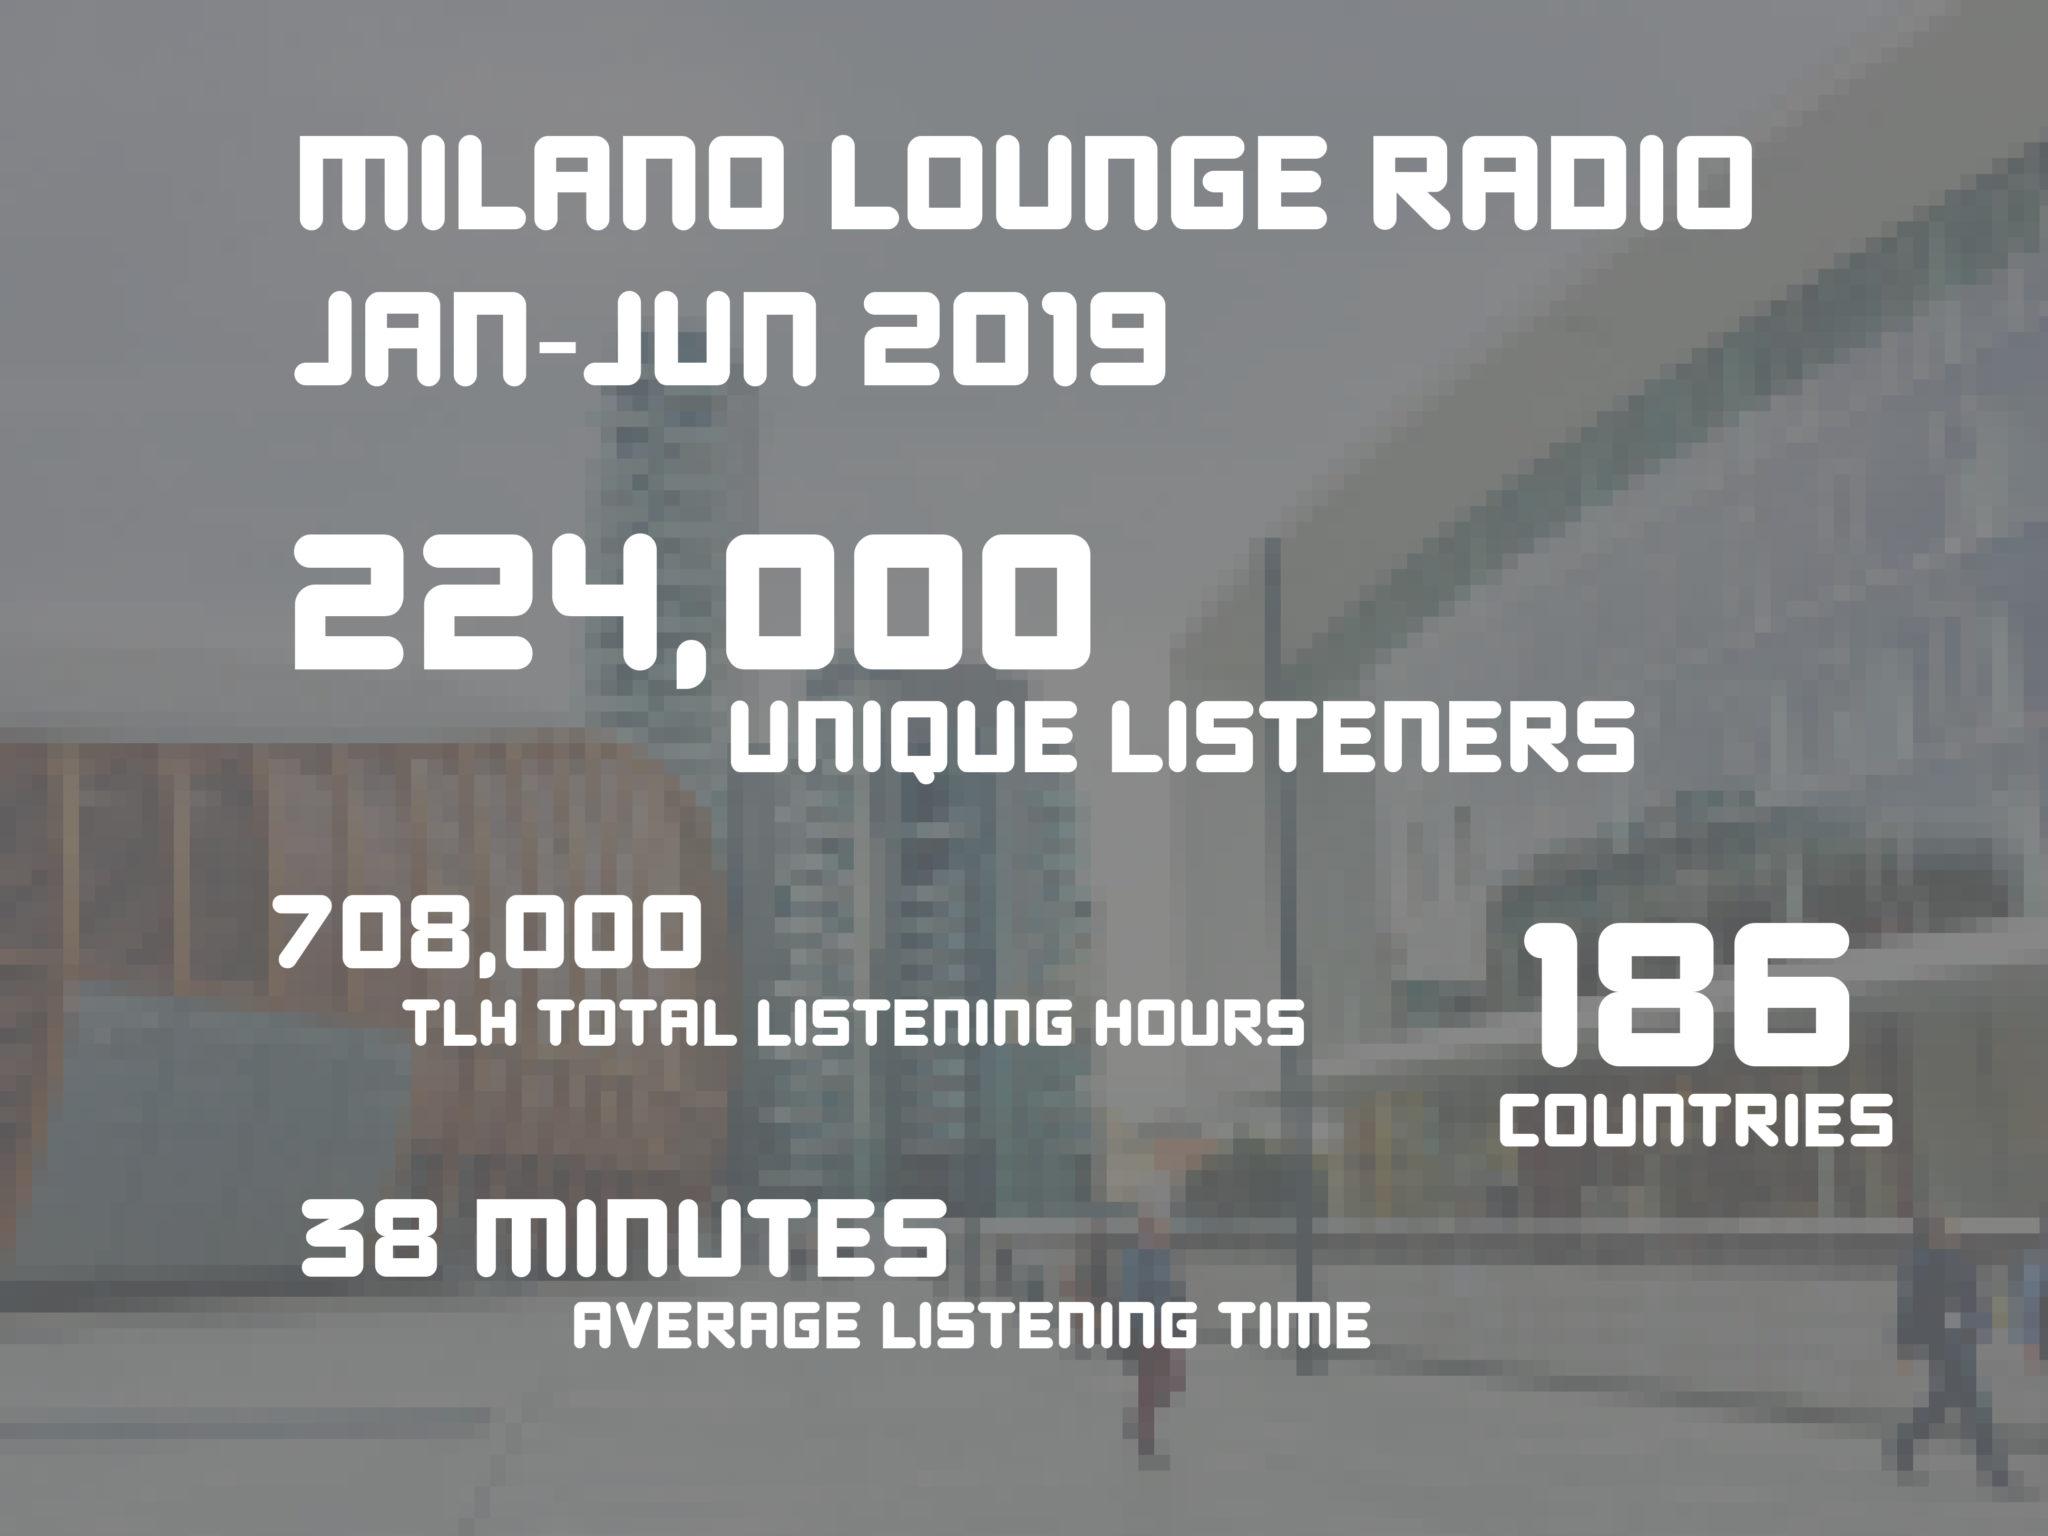 Raggiungi 224.000 ascoltatori unici: promuovi il tuo business su Milano Lounge Radio